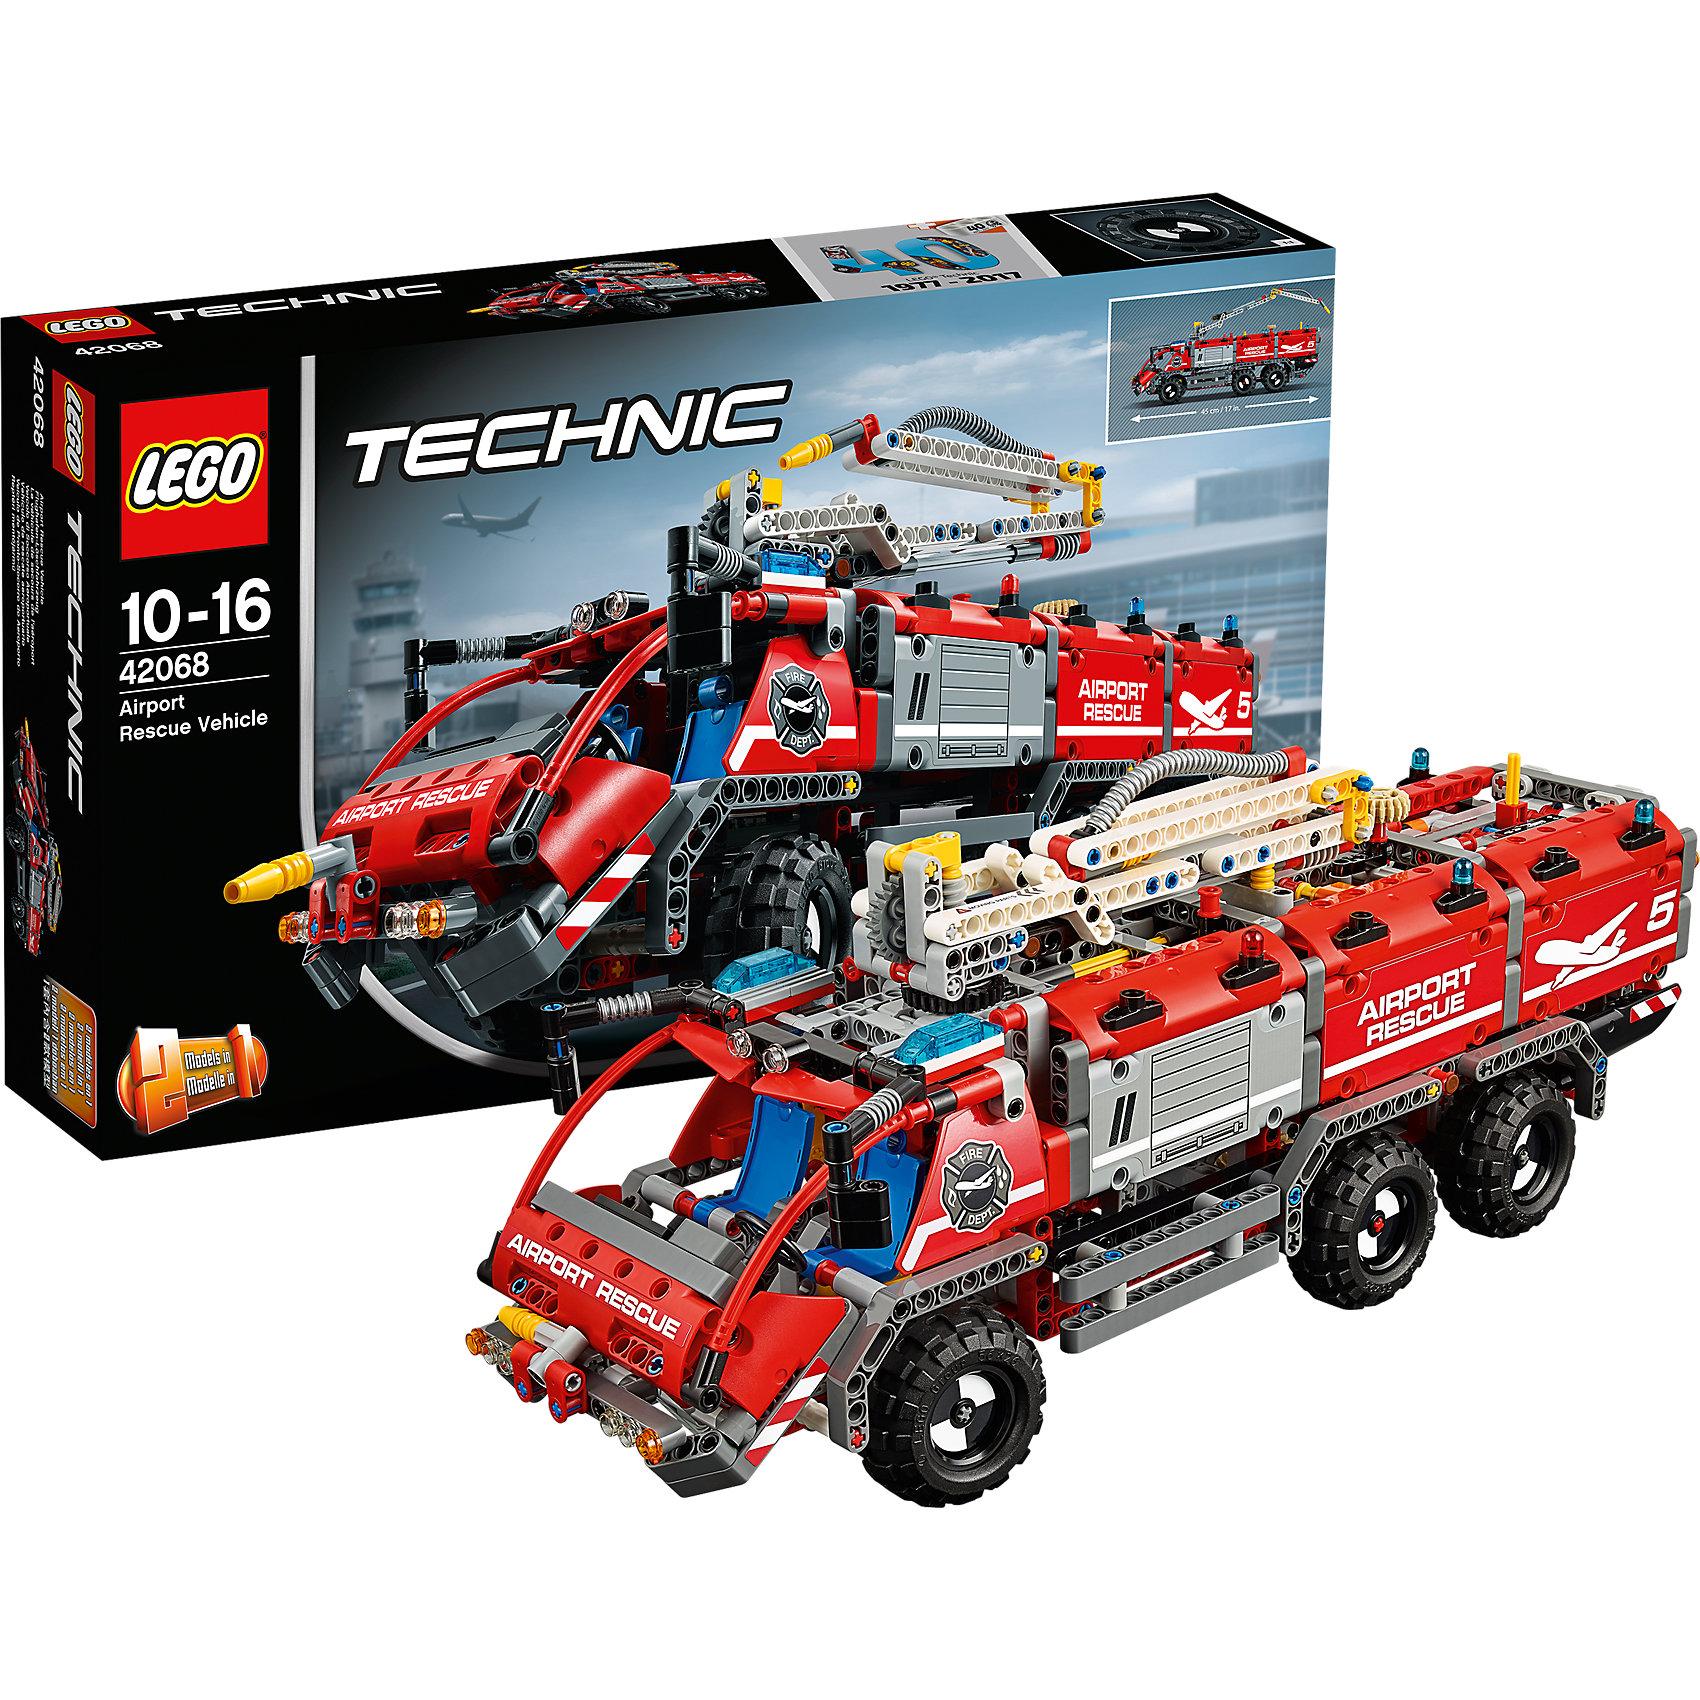 LEGO Technic 42068: Автомобиль спасательной службыПластмассовые конструкторы<br><br><br>Ширина мм: 482<br>Глубина мм: 284<br>Высота мм: 99<br>Вес г: 1577<br>Возраст от месяцев: 120<br>Возраст до месяцев: 192<br>Пол: Мужской<br>Возраст: Детский<br>SKU: 5619962